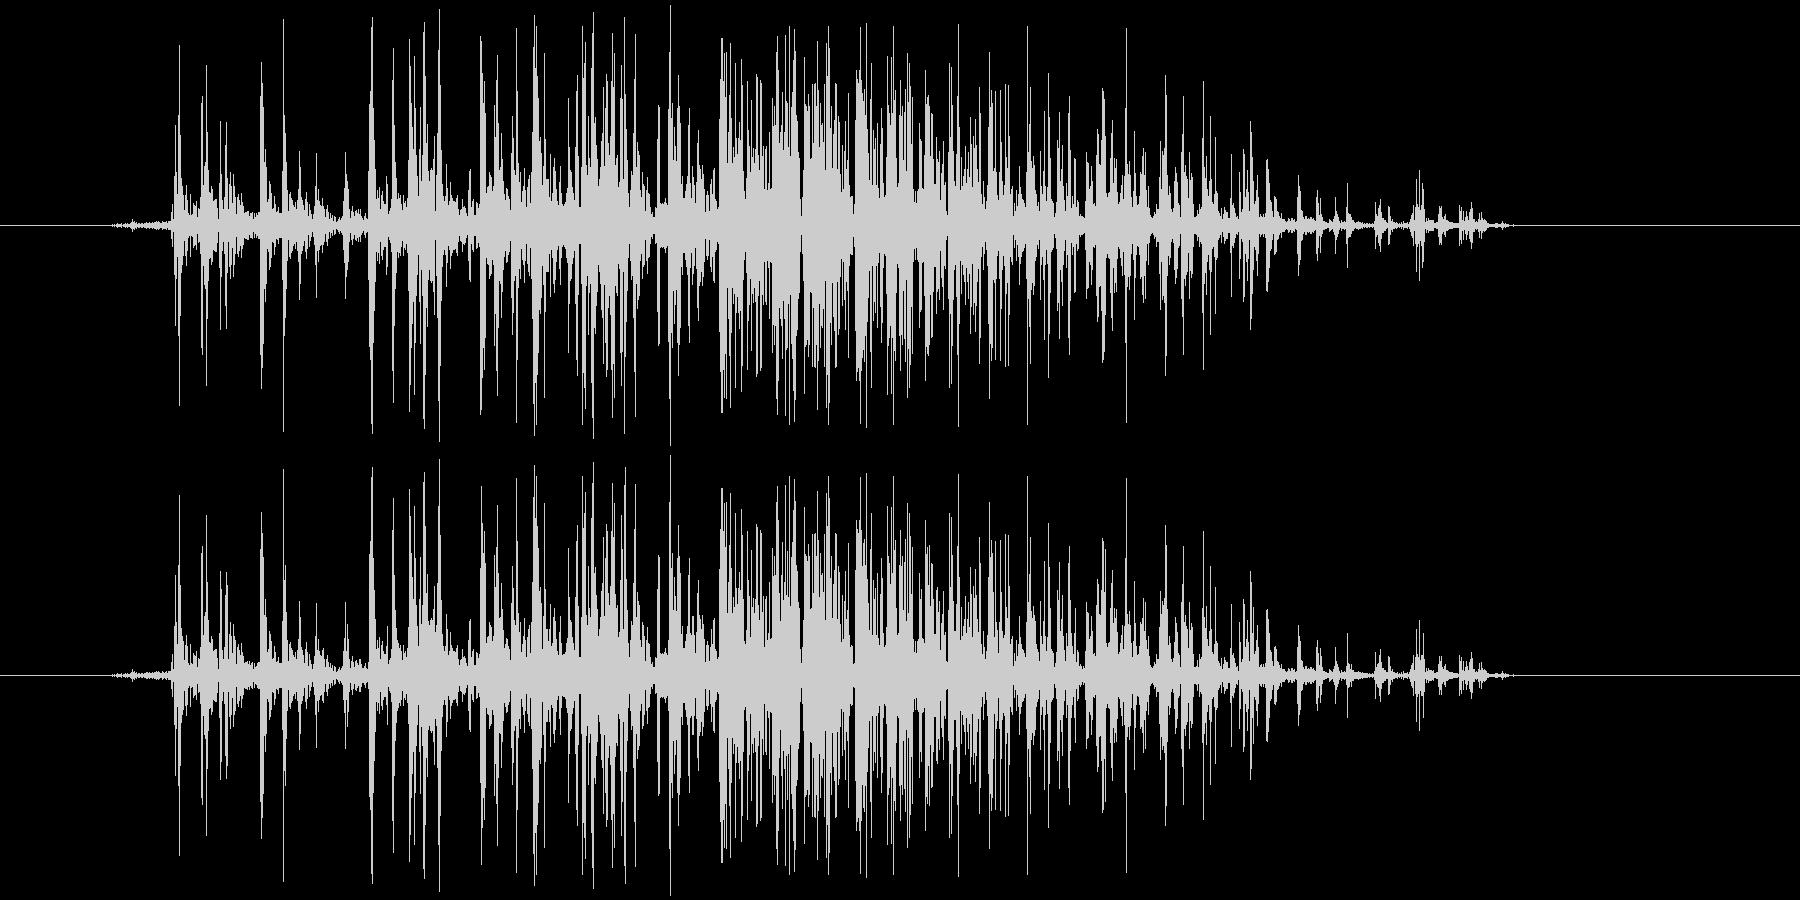 ベリ(ベルクロ)の未再生の波形